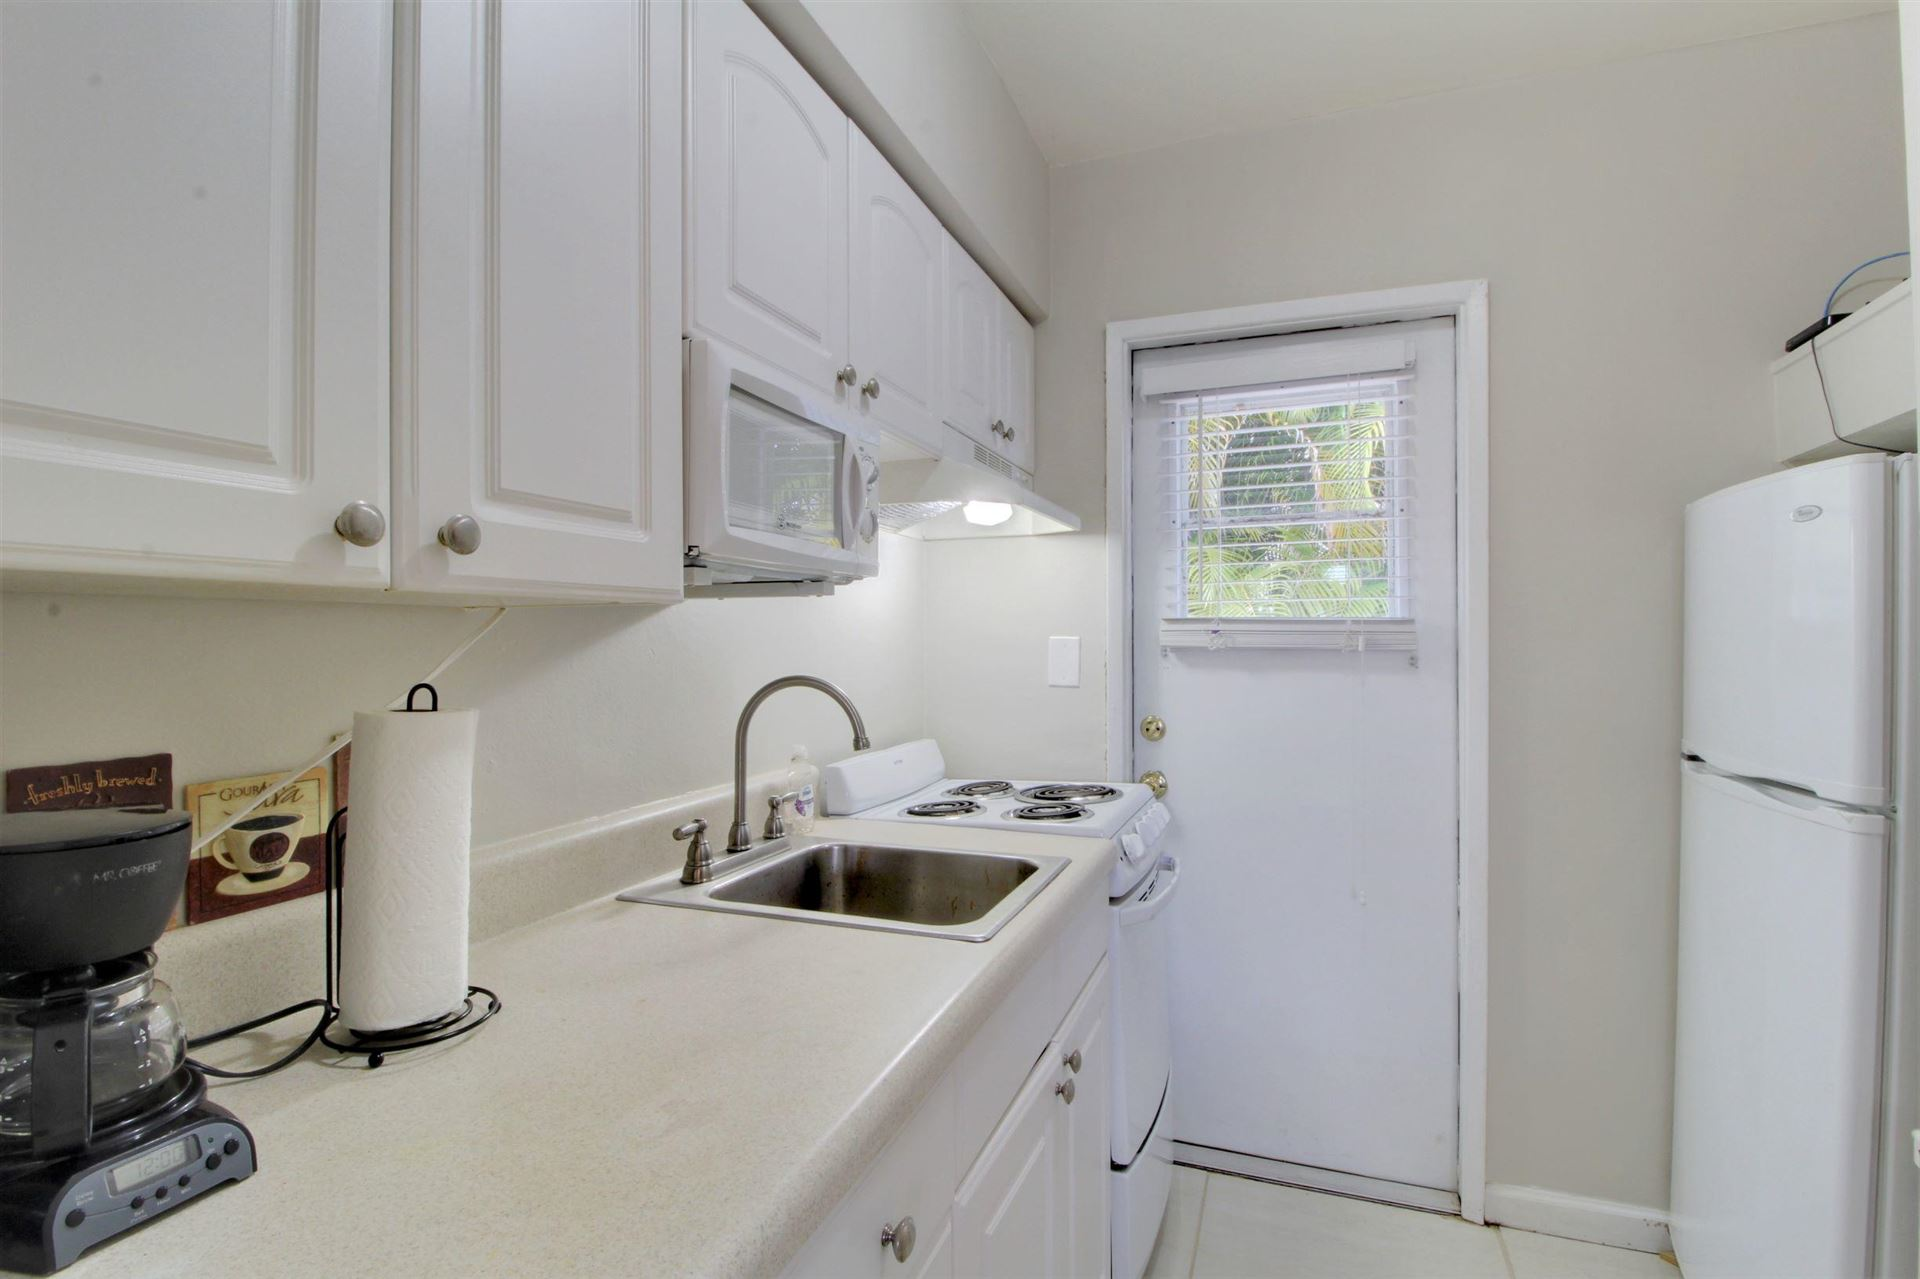 Photo of 381 SE 20 Avenue #2, Deerfield Beach, FL 33441 (MLS # RX-10626823)